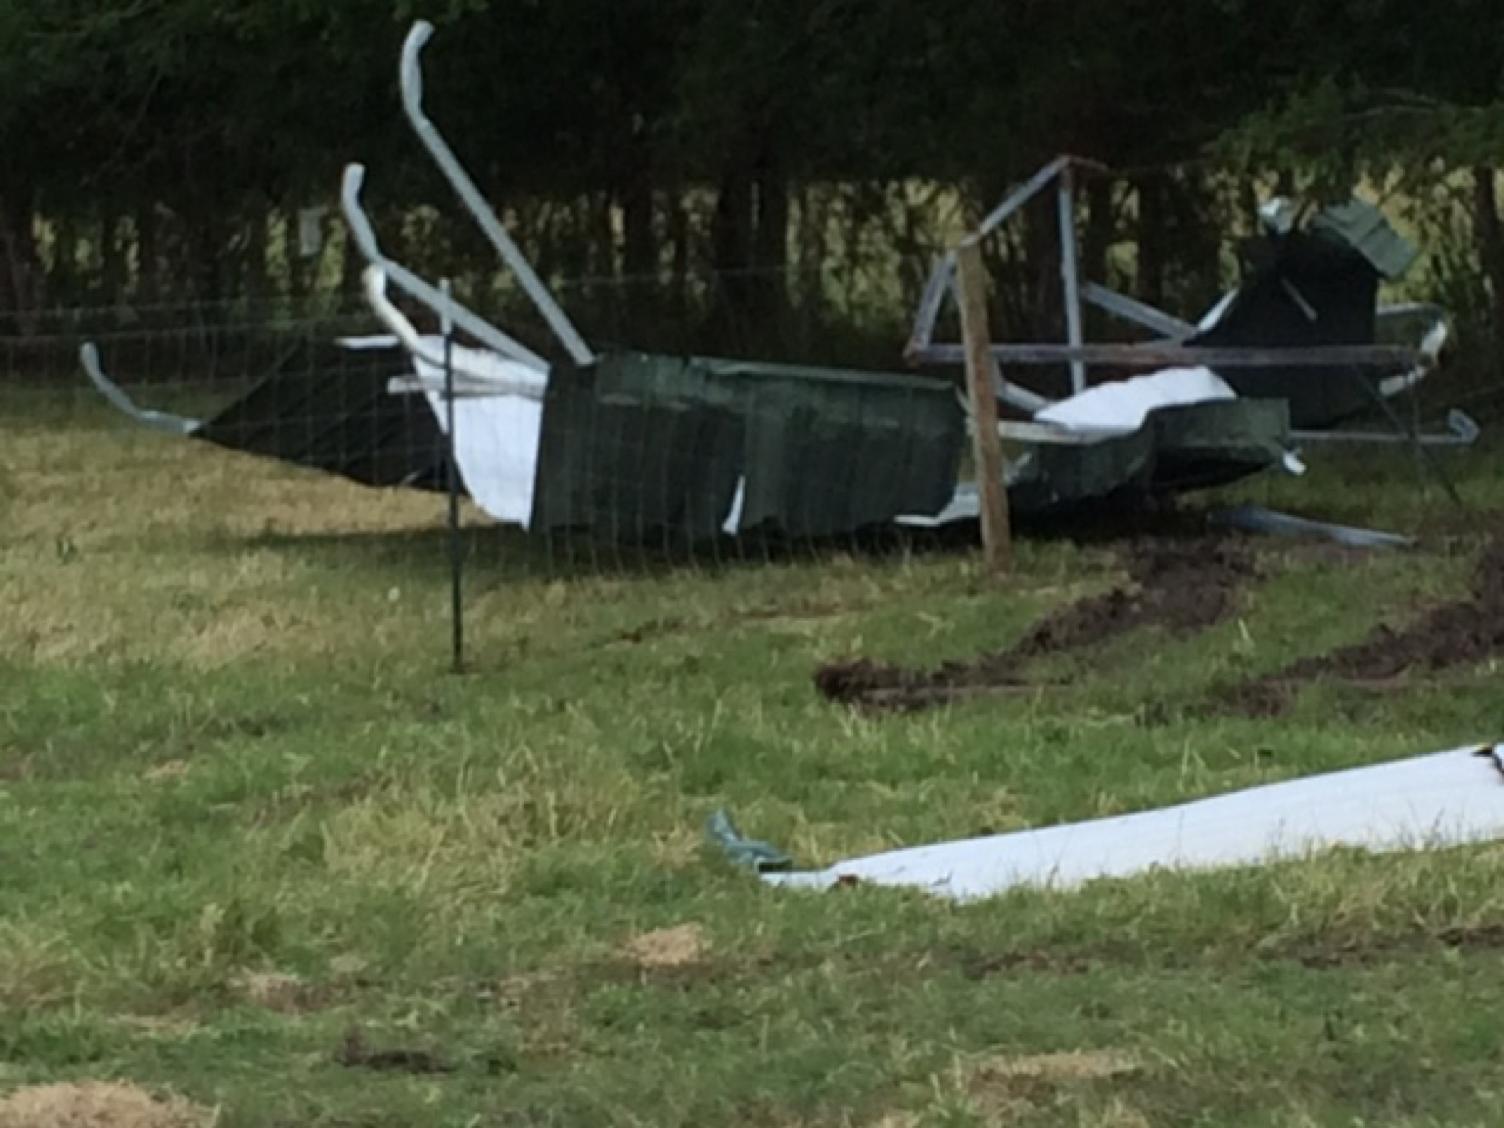 Jolie Vue Farms – Storm damage 2016.